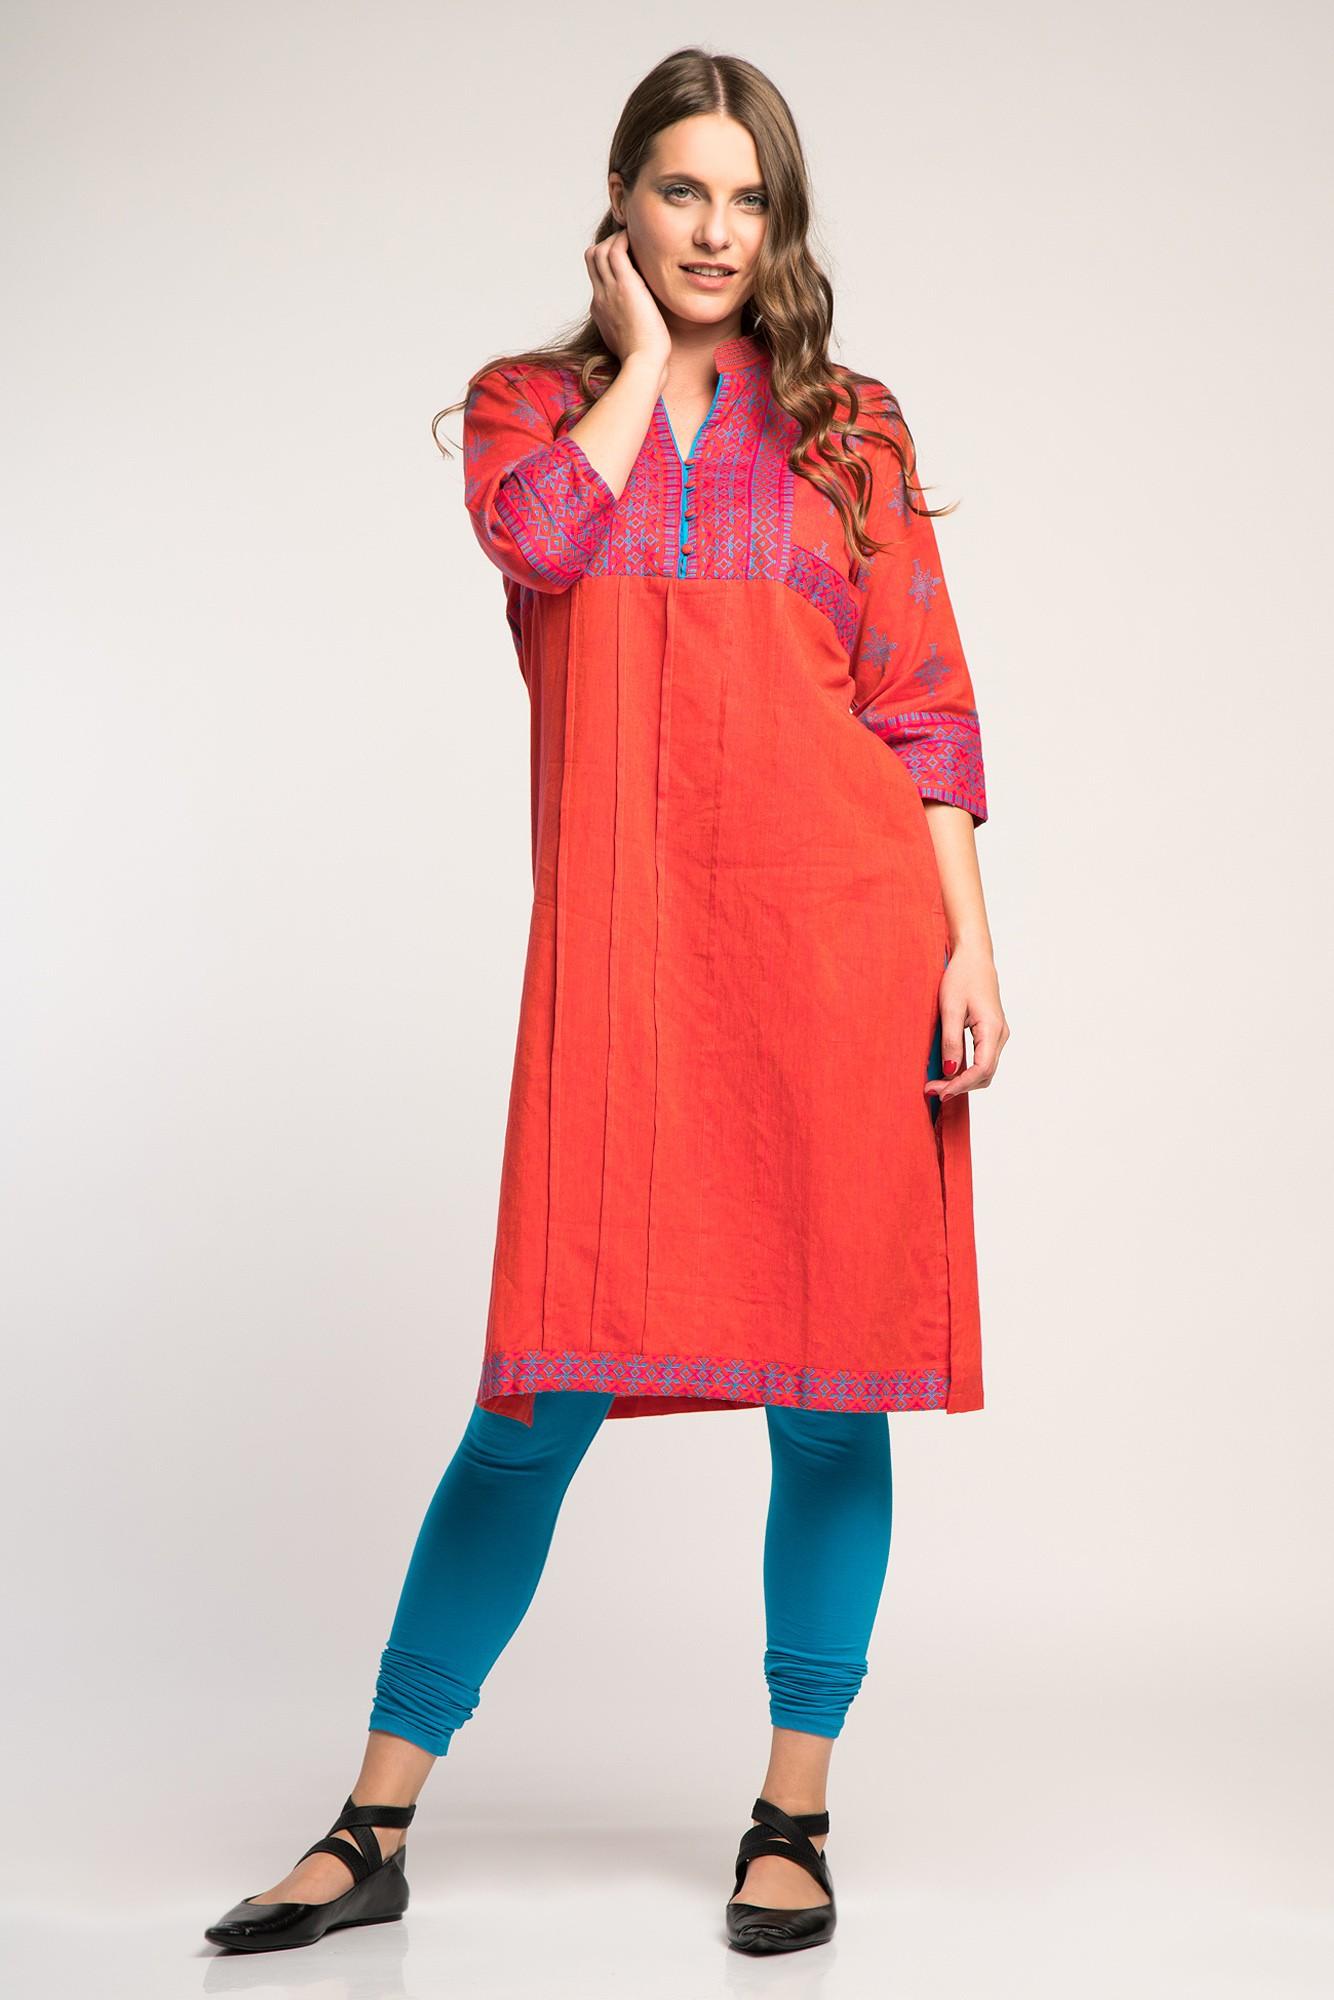 Costum traditional indian albastru/corai cu imprimeu etnic